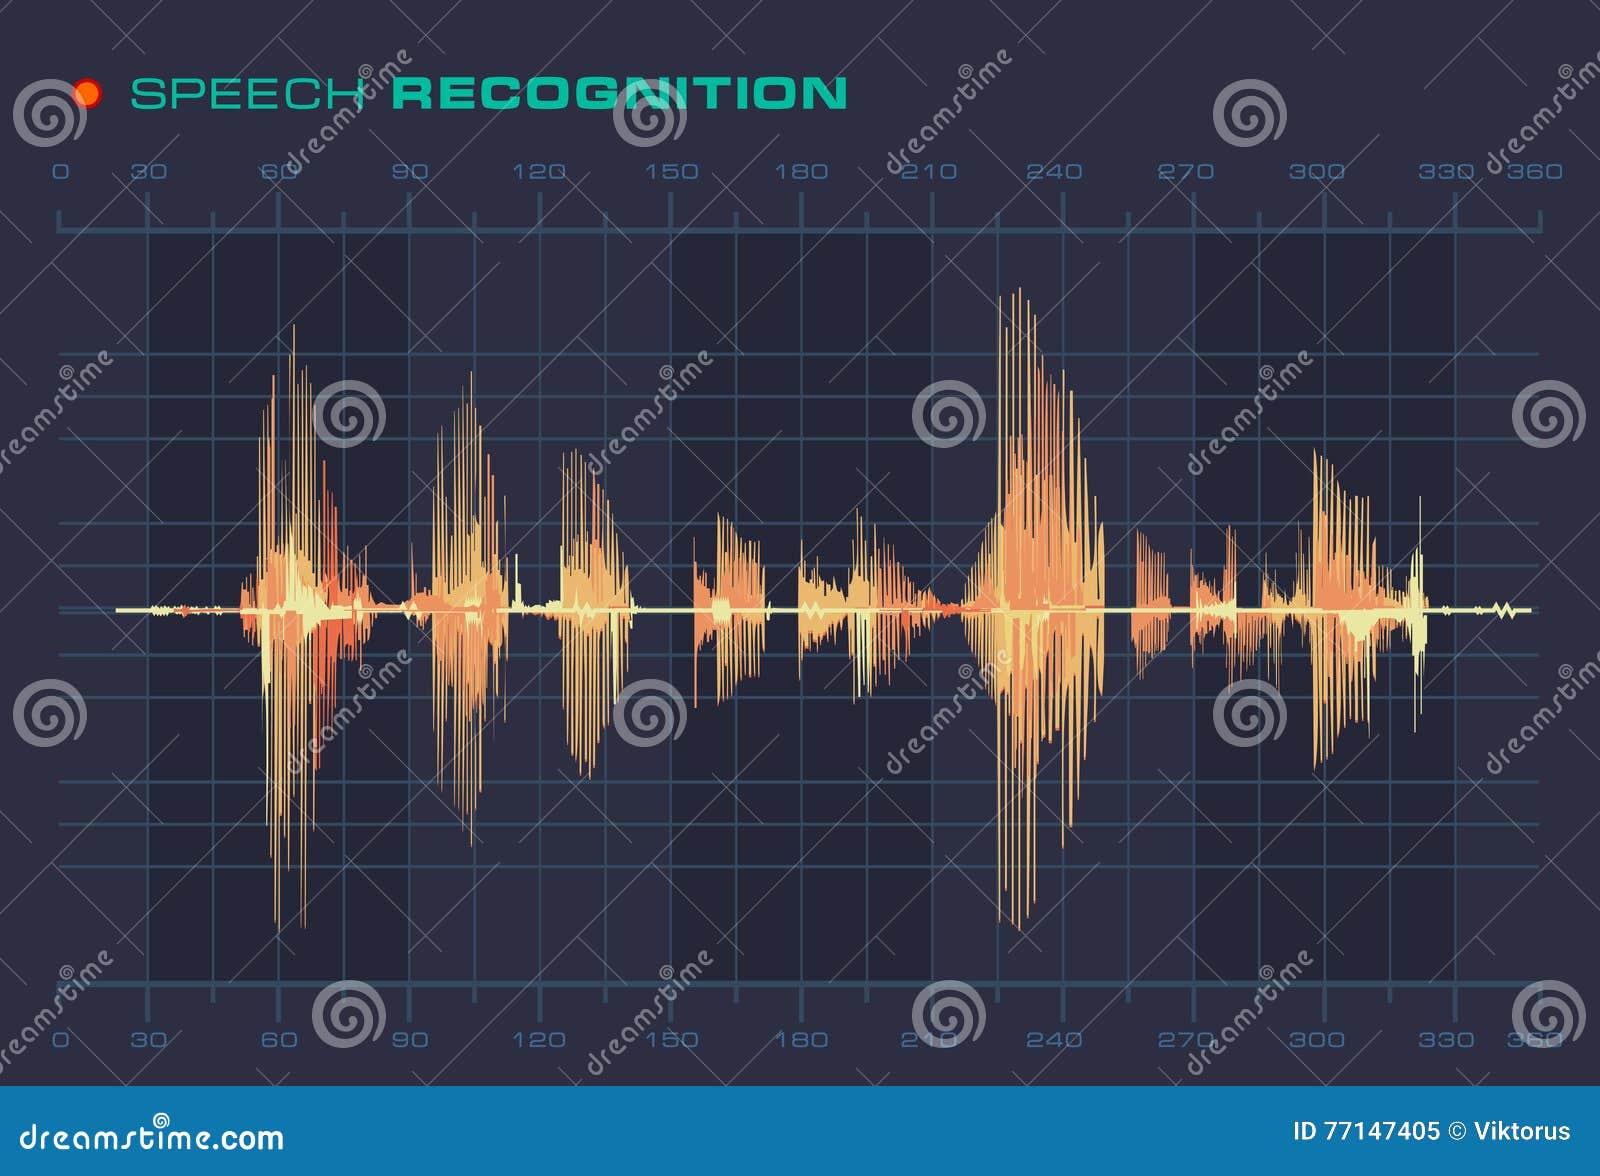 Diagrama de la señal de la forma de la onda acústica del reconocimiento de voz